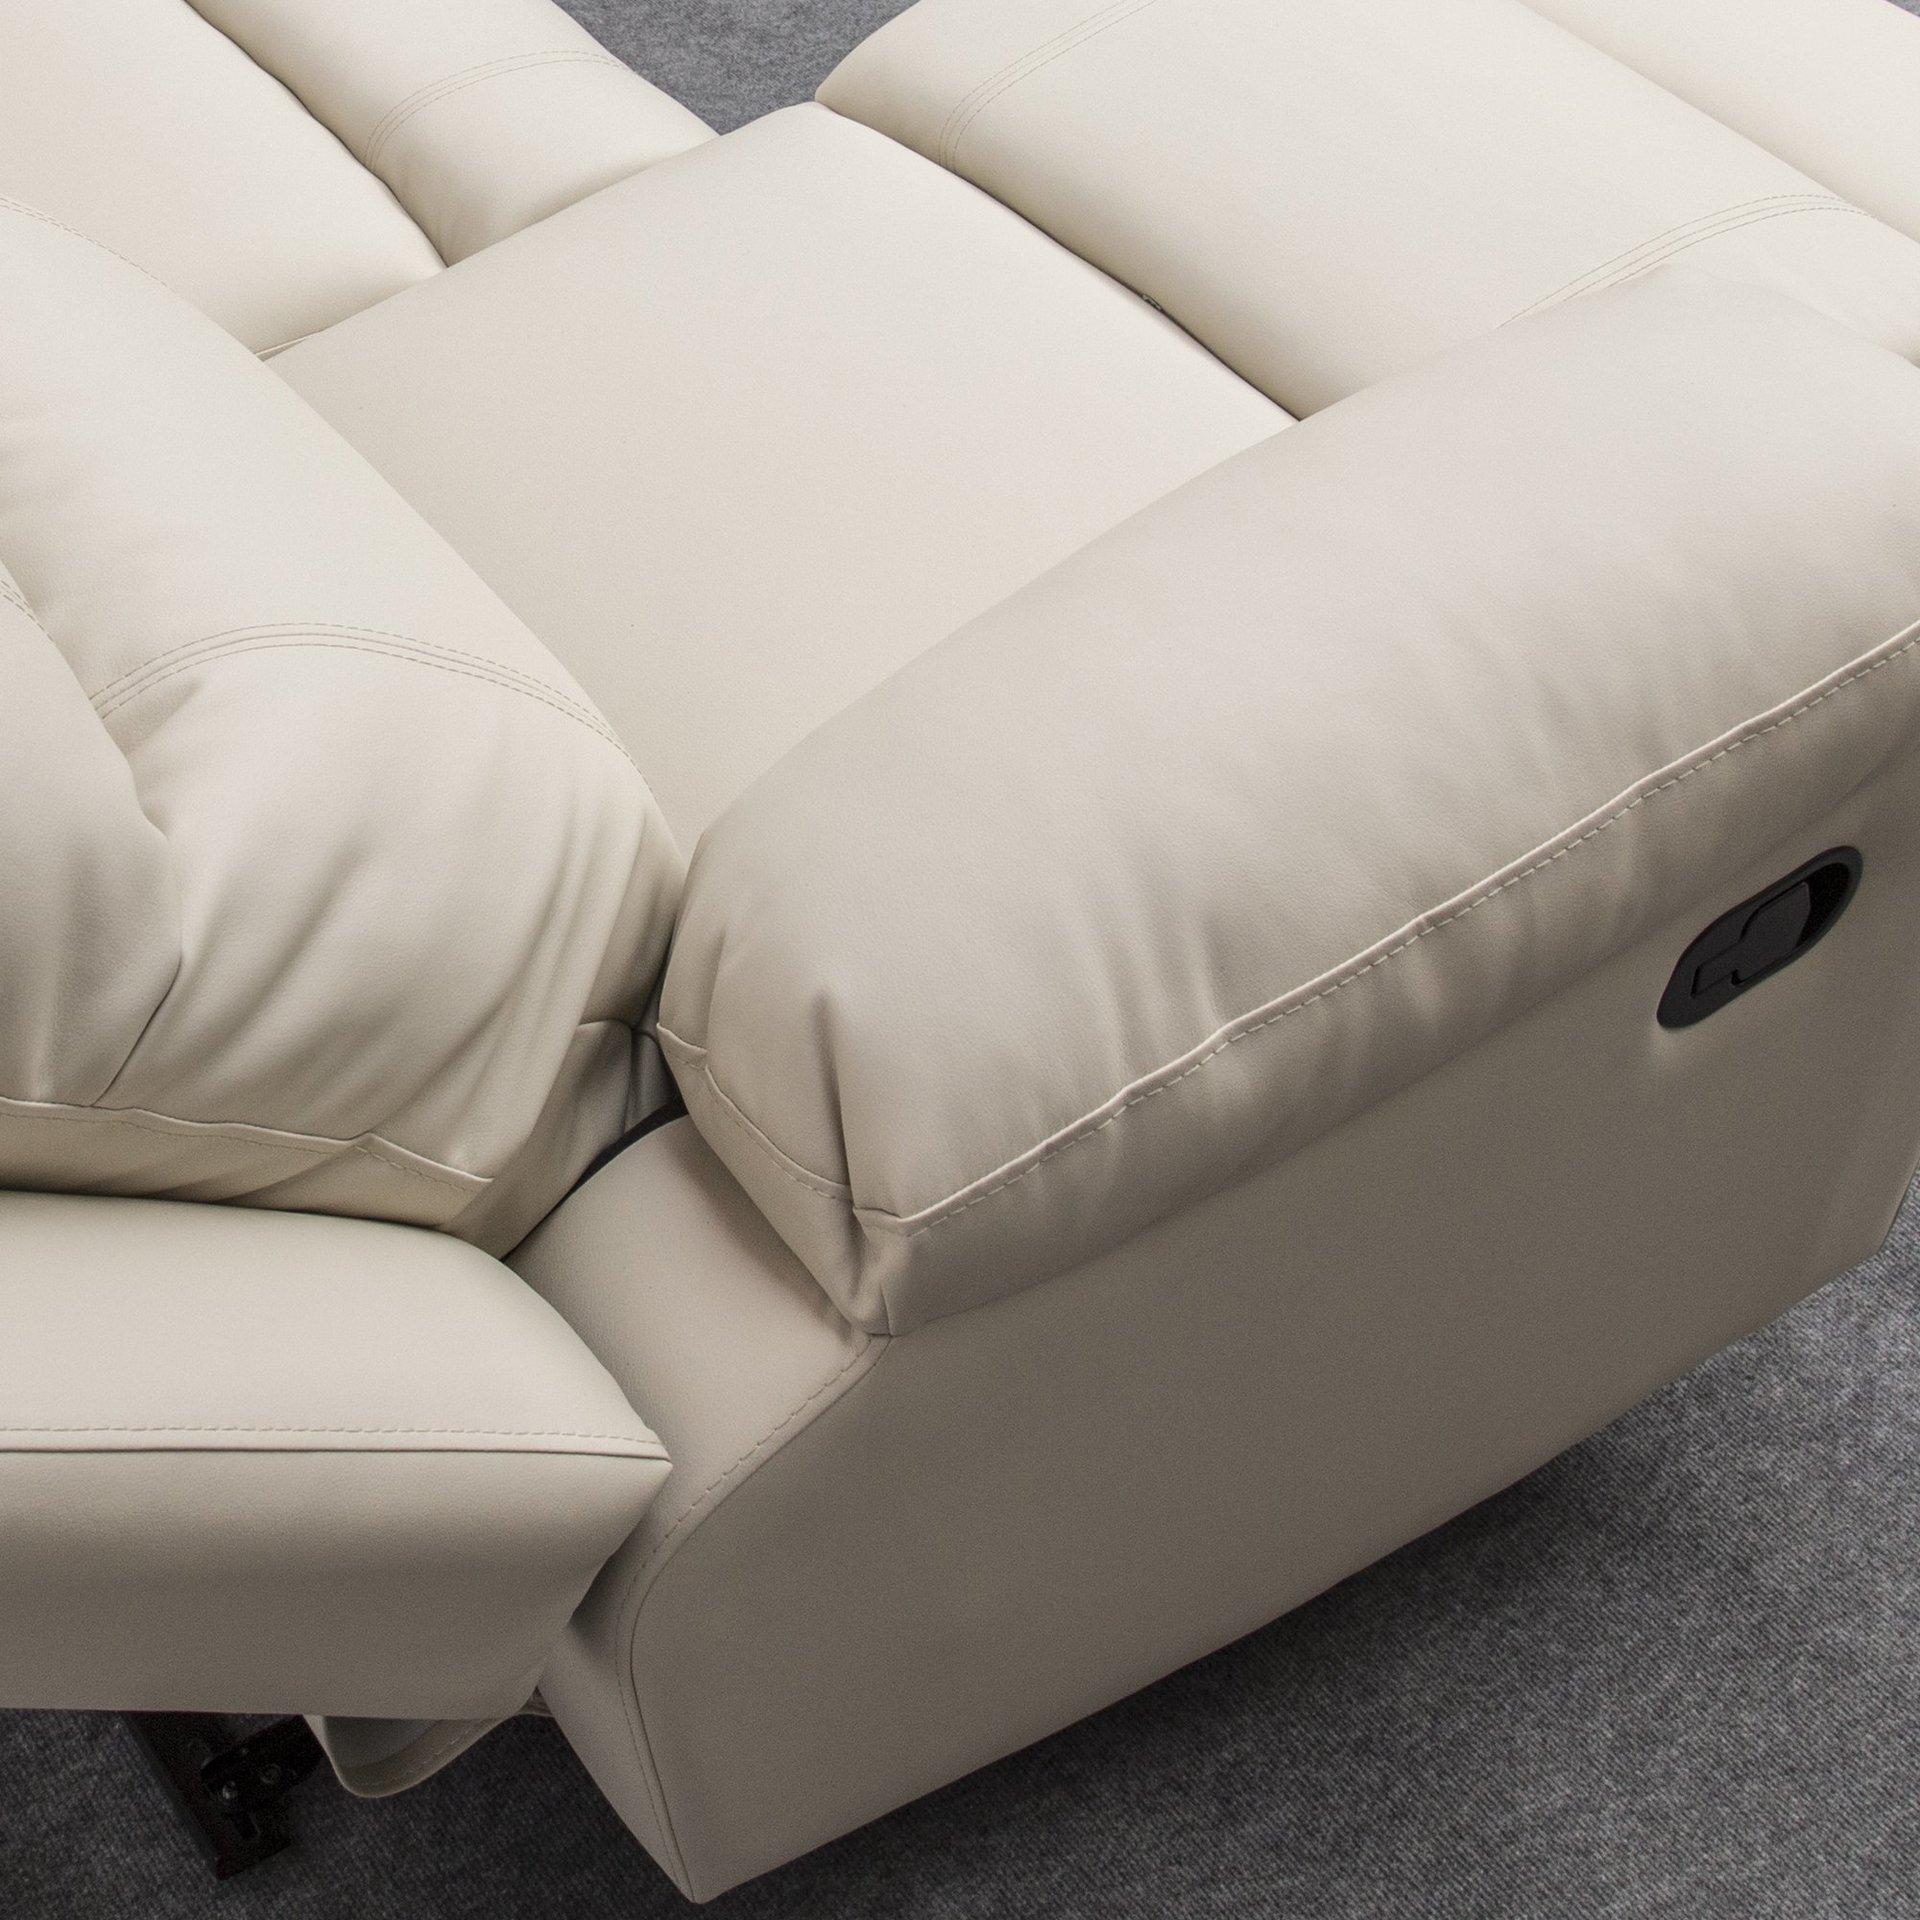 Poltrone e divani | Battipaglia, SA | Divani per sempre